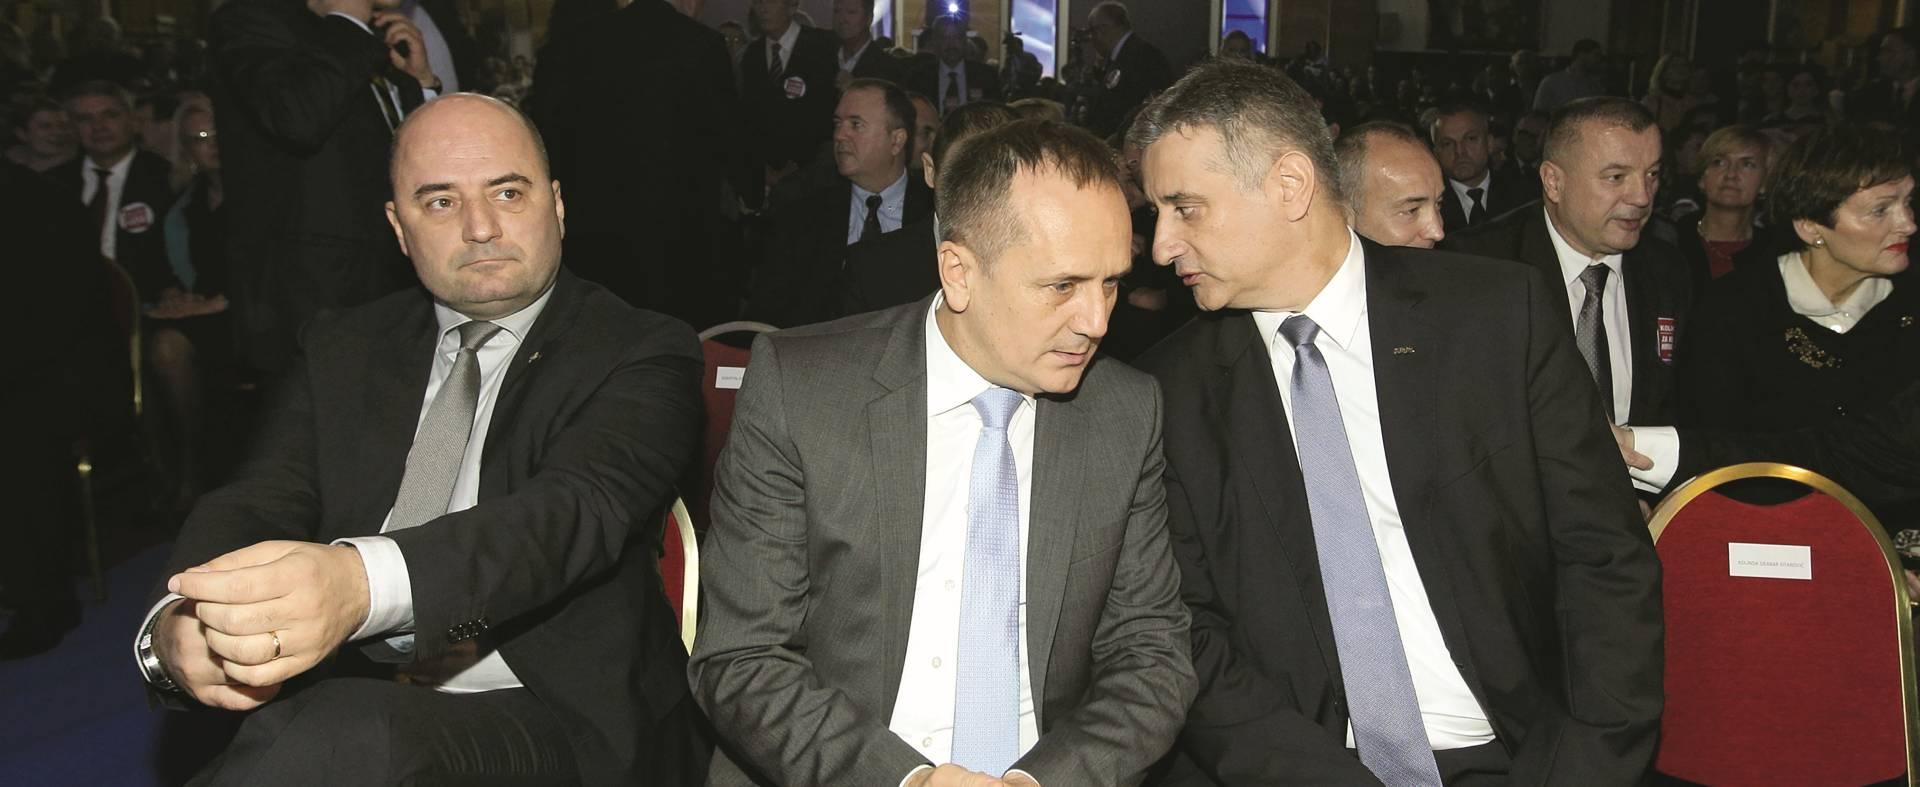 ZAMJENIK PREDSJEDNIKA HDZ-a OŠTRO KRITIZIRAO ŠEFA Prgomet napao Karamarka nakon tajnog sastanka